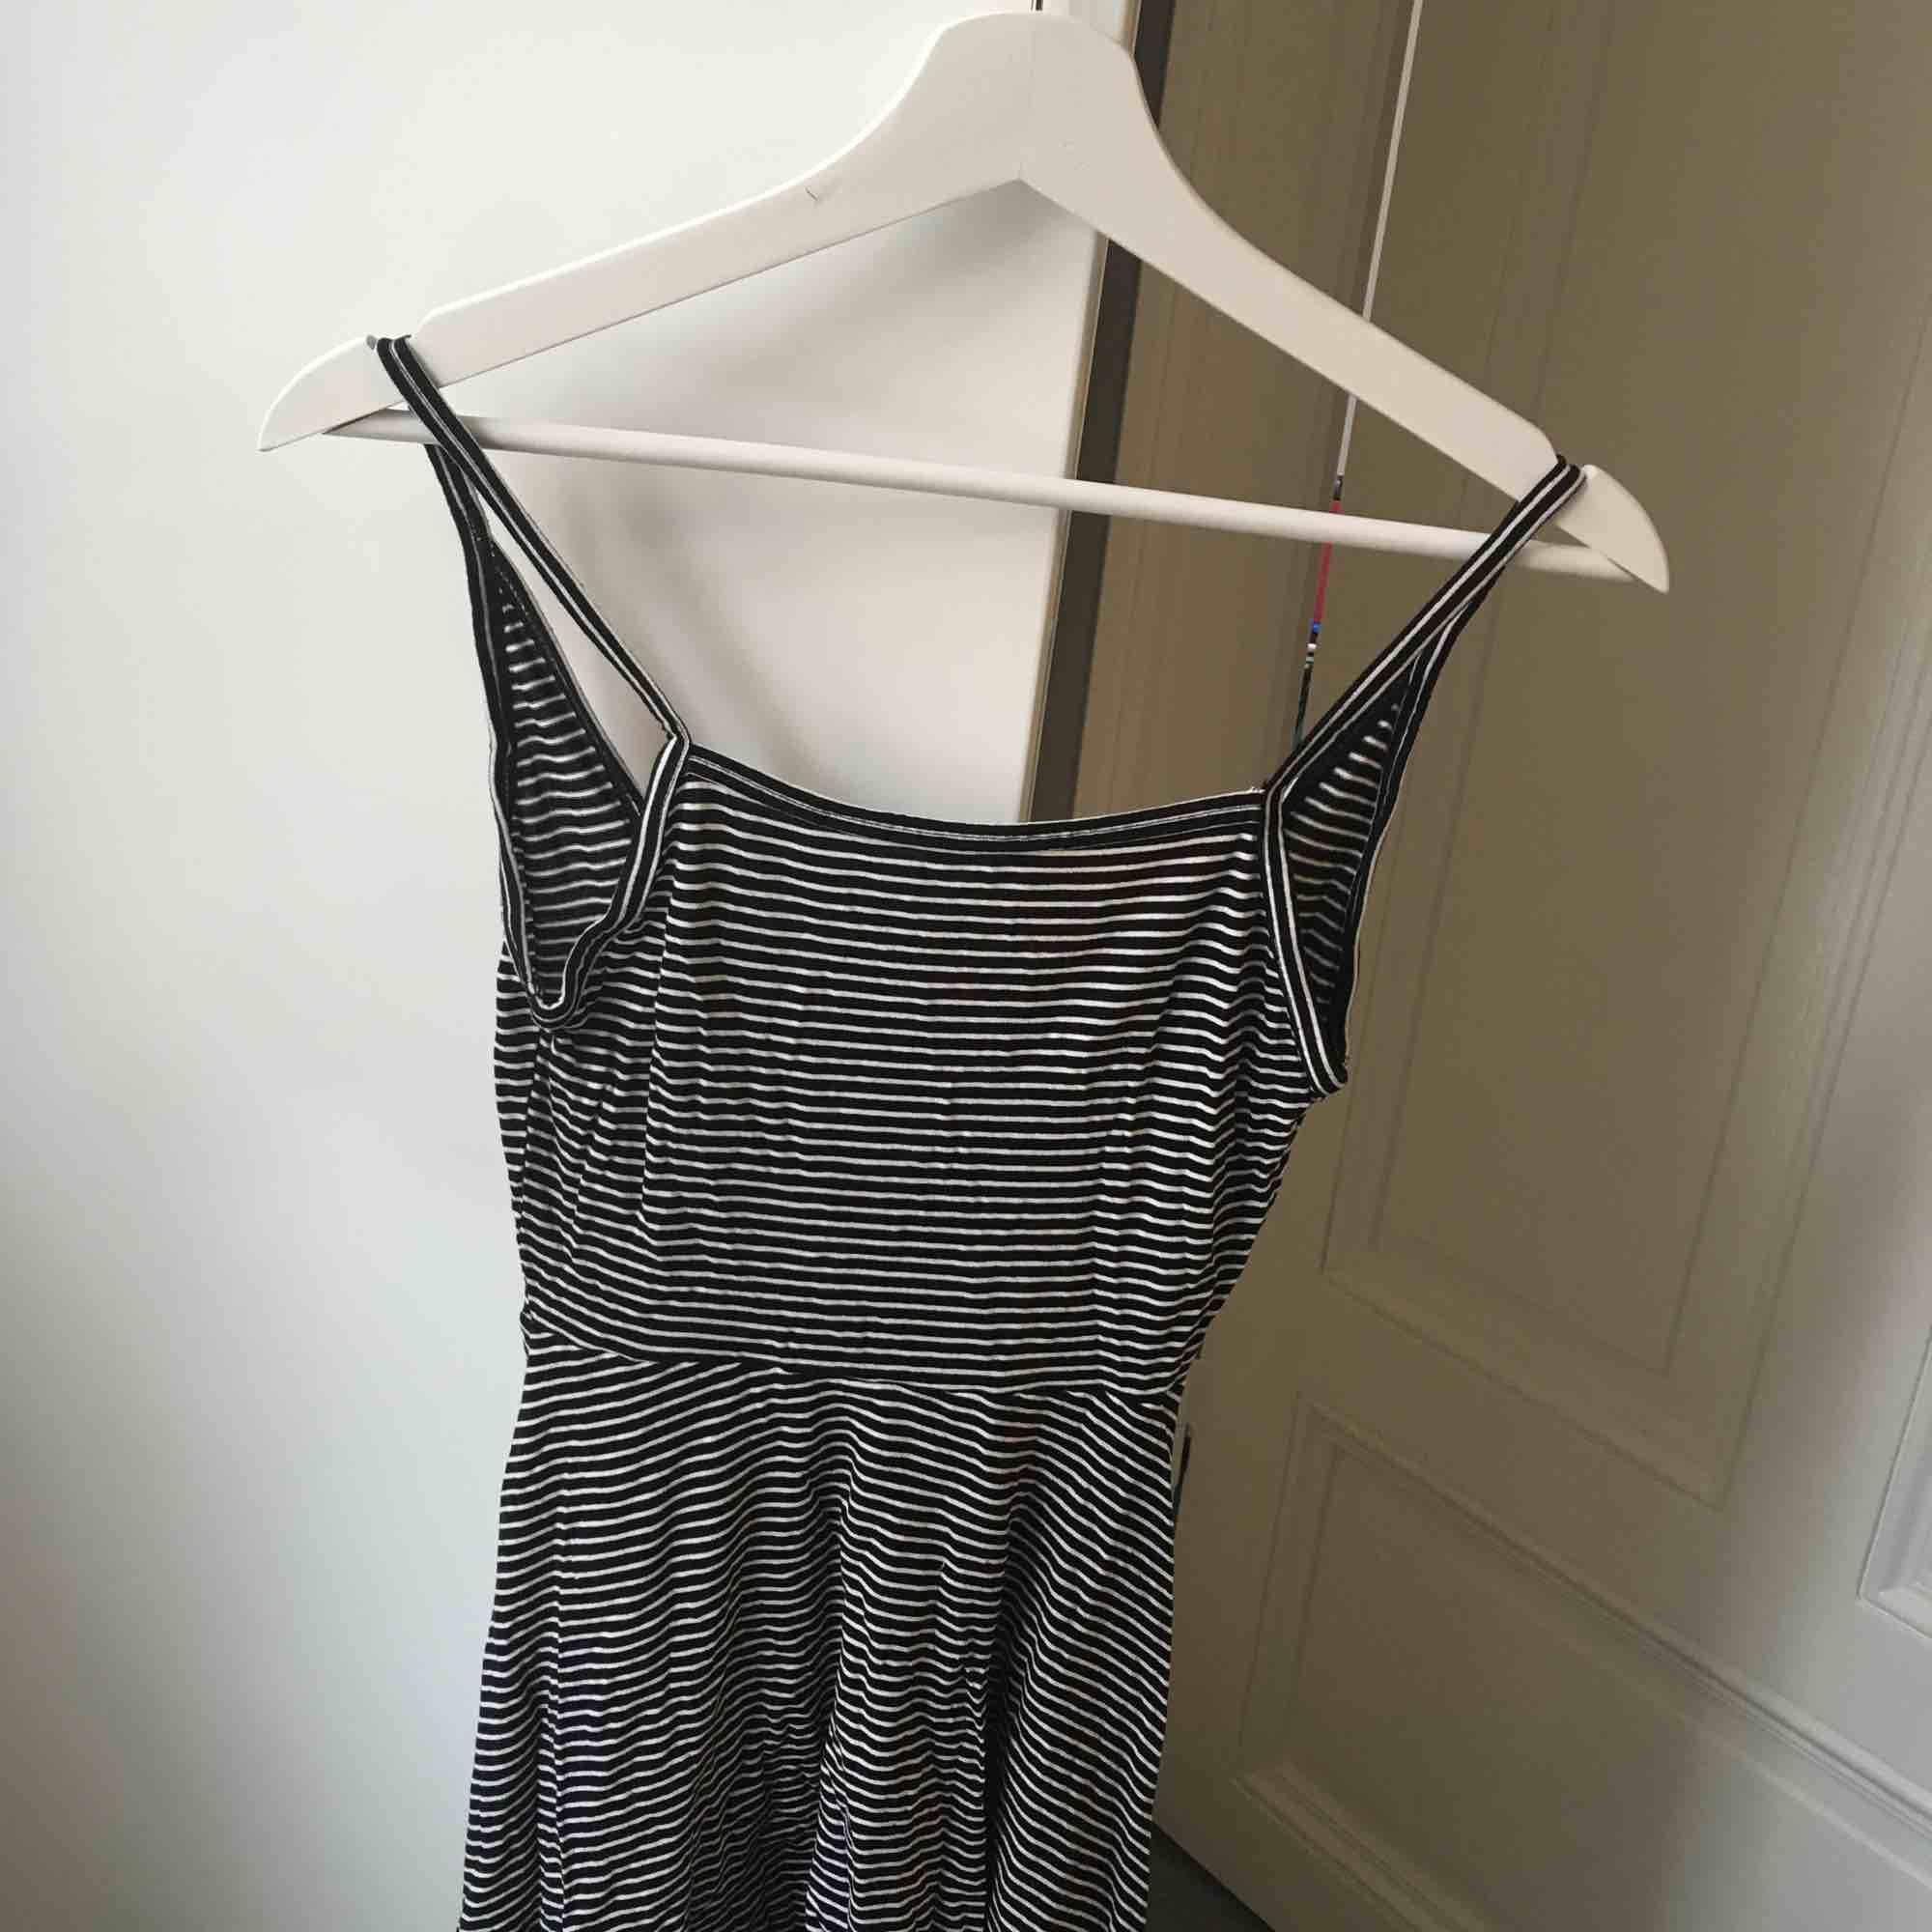 023e49f48f49 Jättesöt enkel klänning! Djupare i ryggen än framtill (se bild 3).